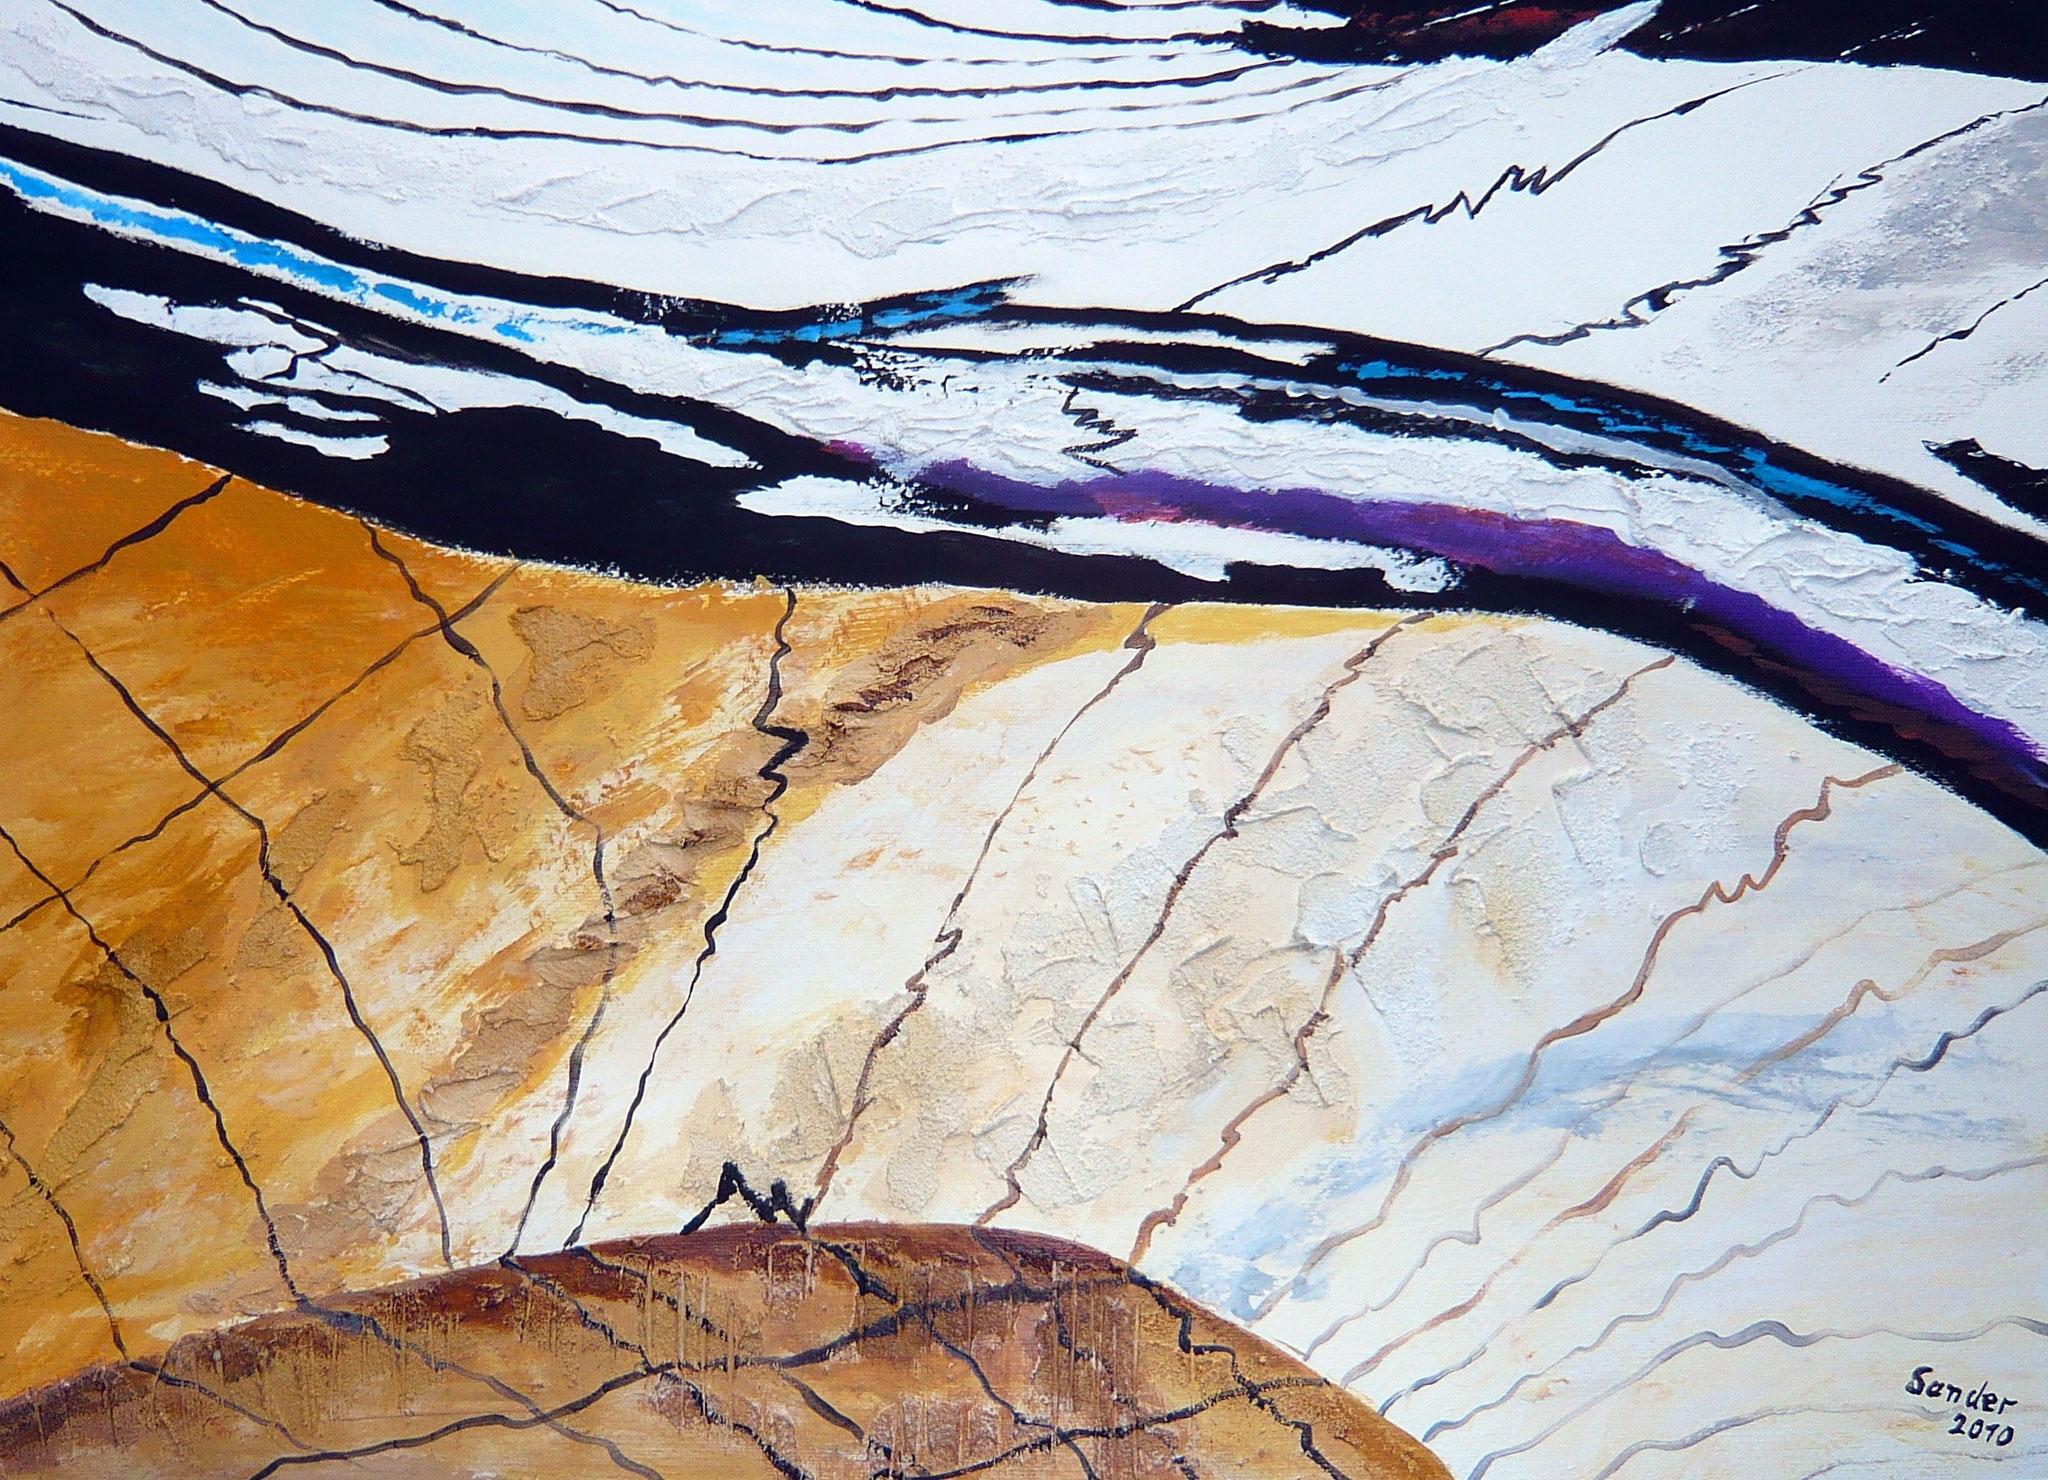 abstrakt - 1, 70 x 50 cm, Acrylfarben auf Papier, signiert und datiert 2010